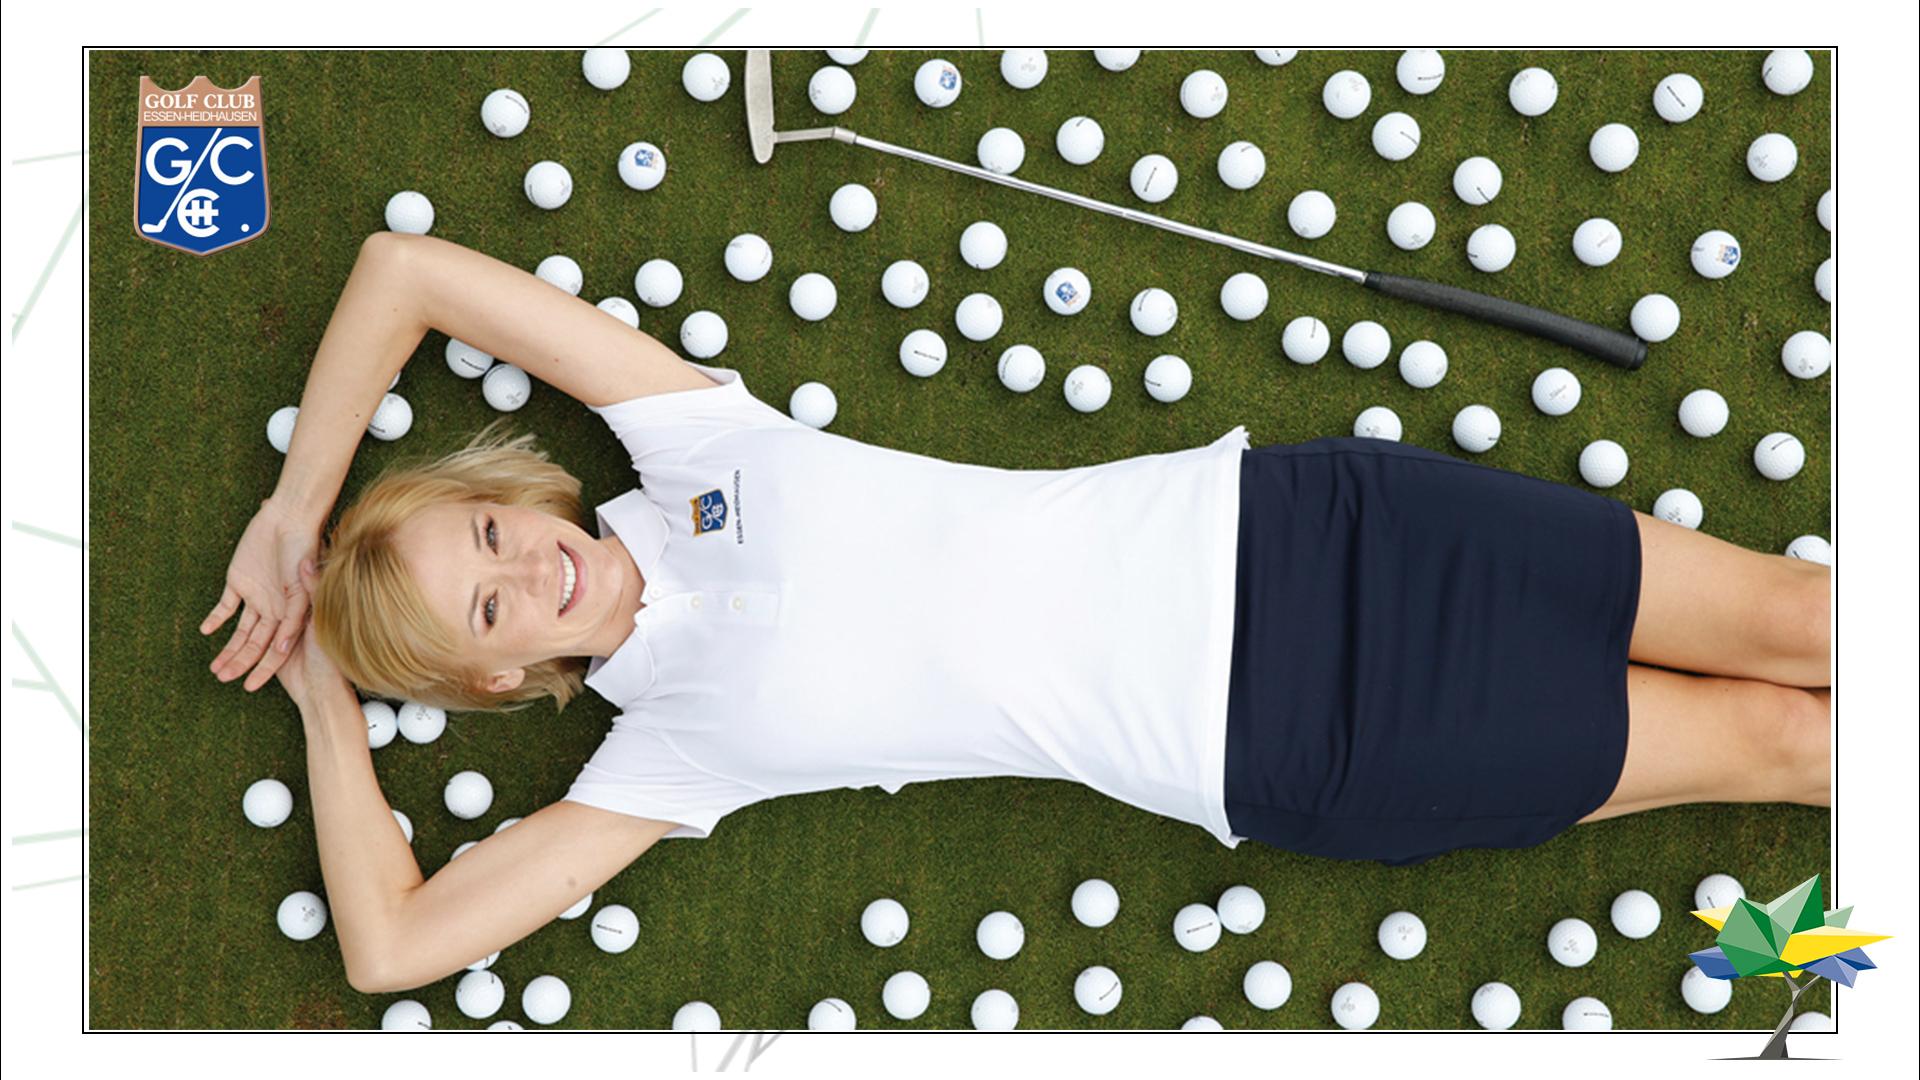 Golfclub Essen-Heidhausen gewinnt DGV-Innovationspreis 2020